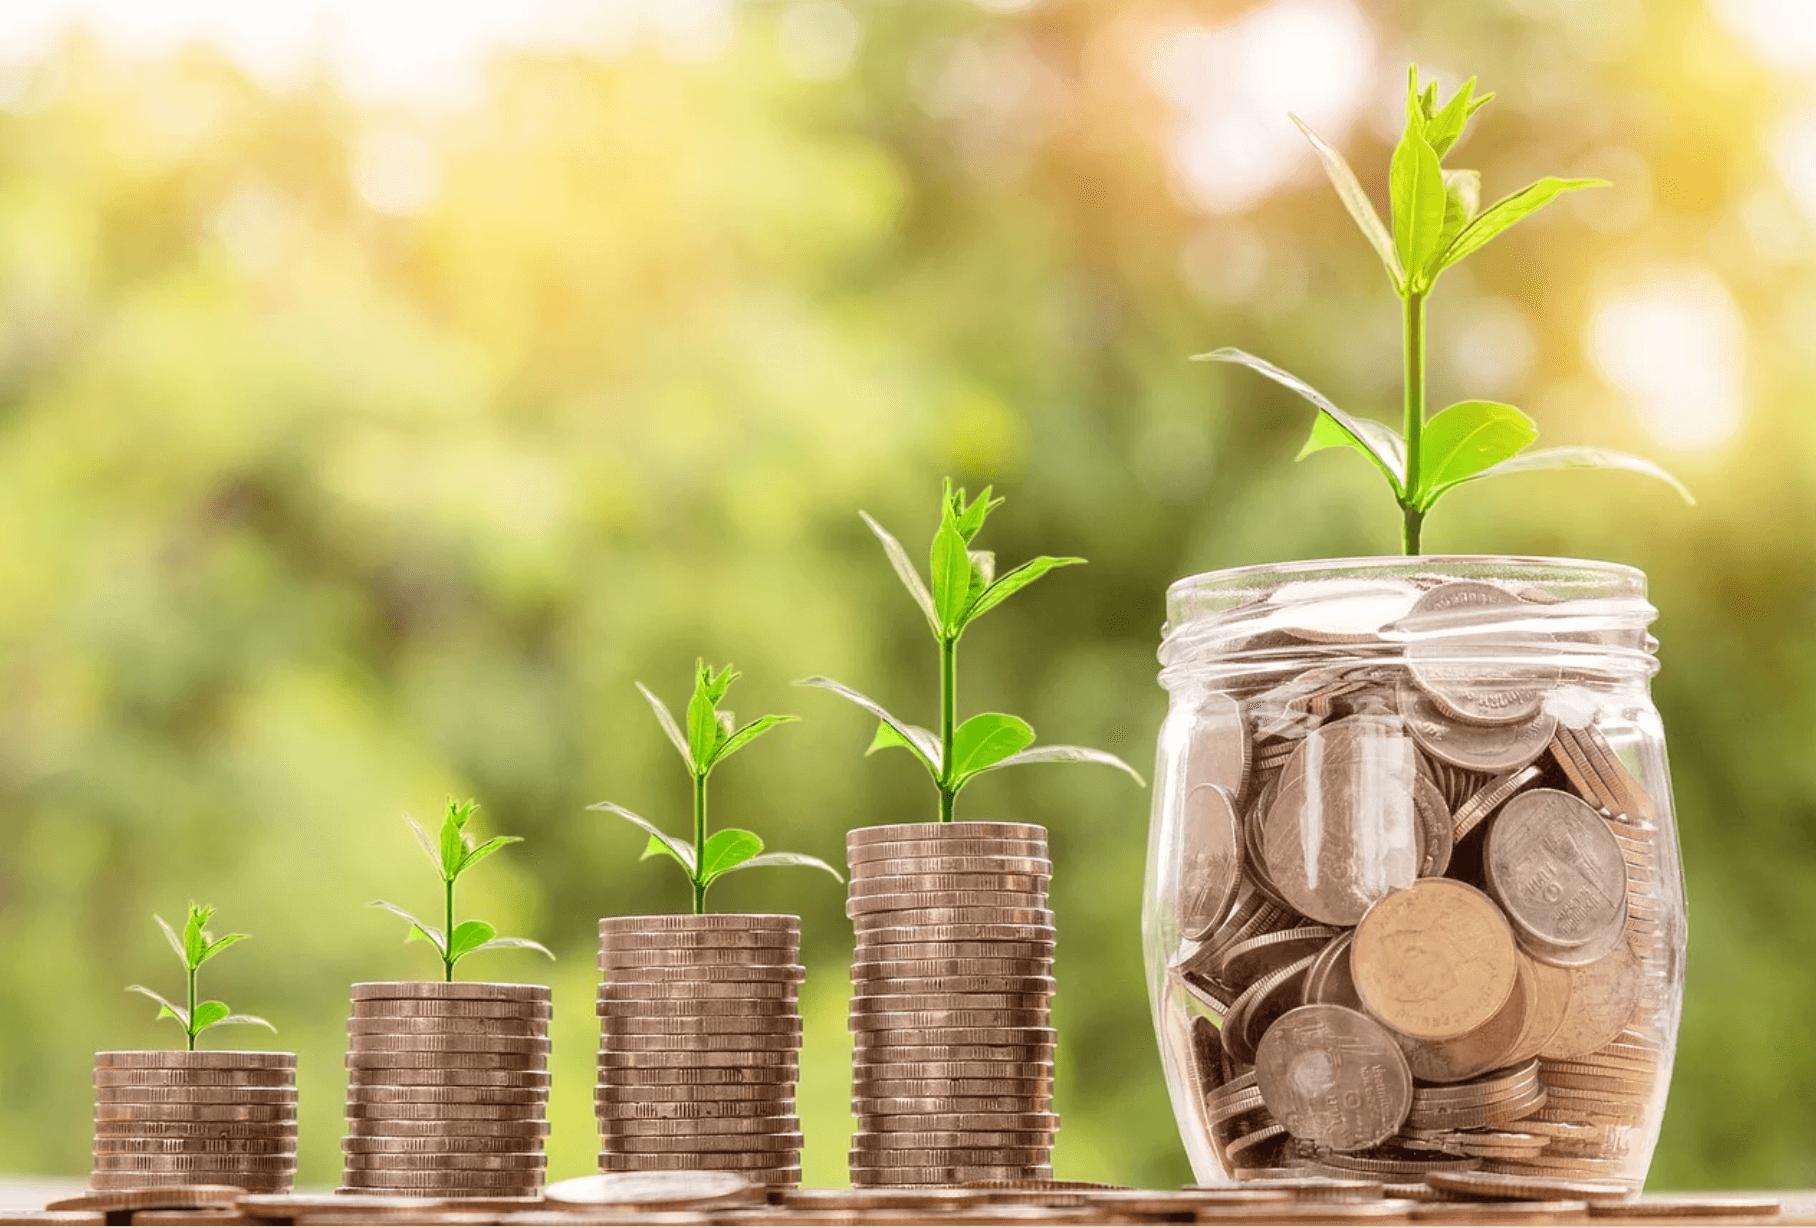 איך לשמור על ניהול תקציב משפחתי ועדין להנות מהחיים